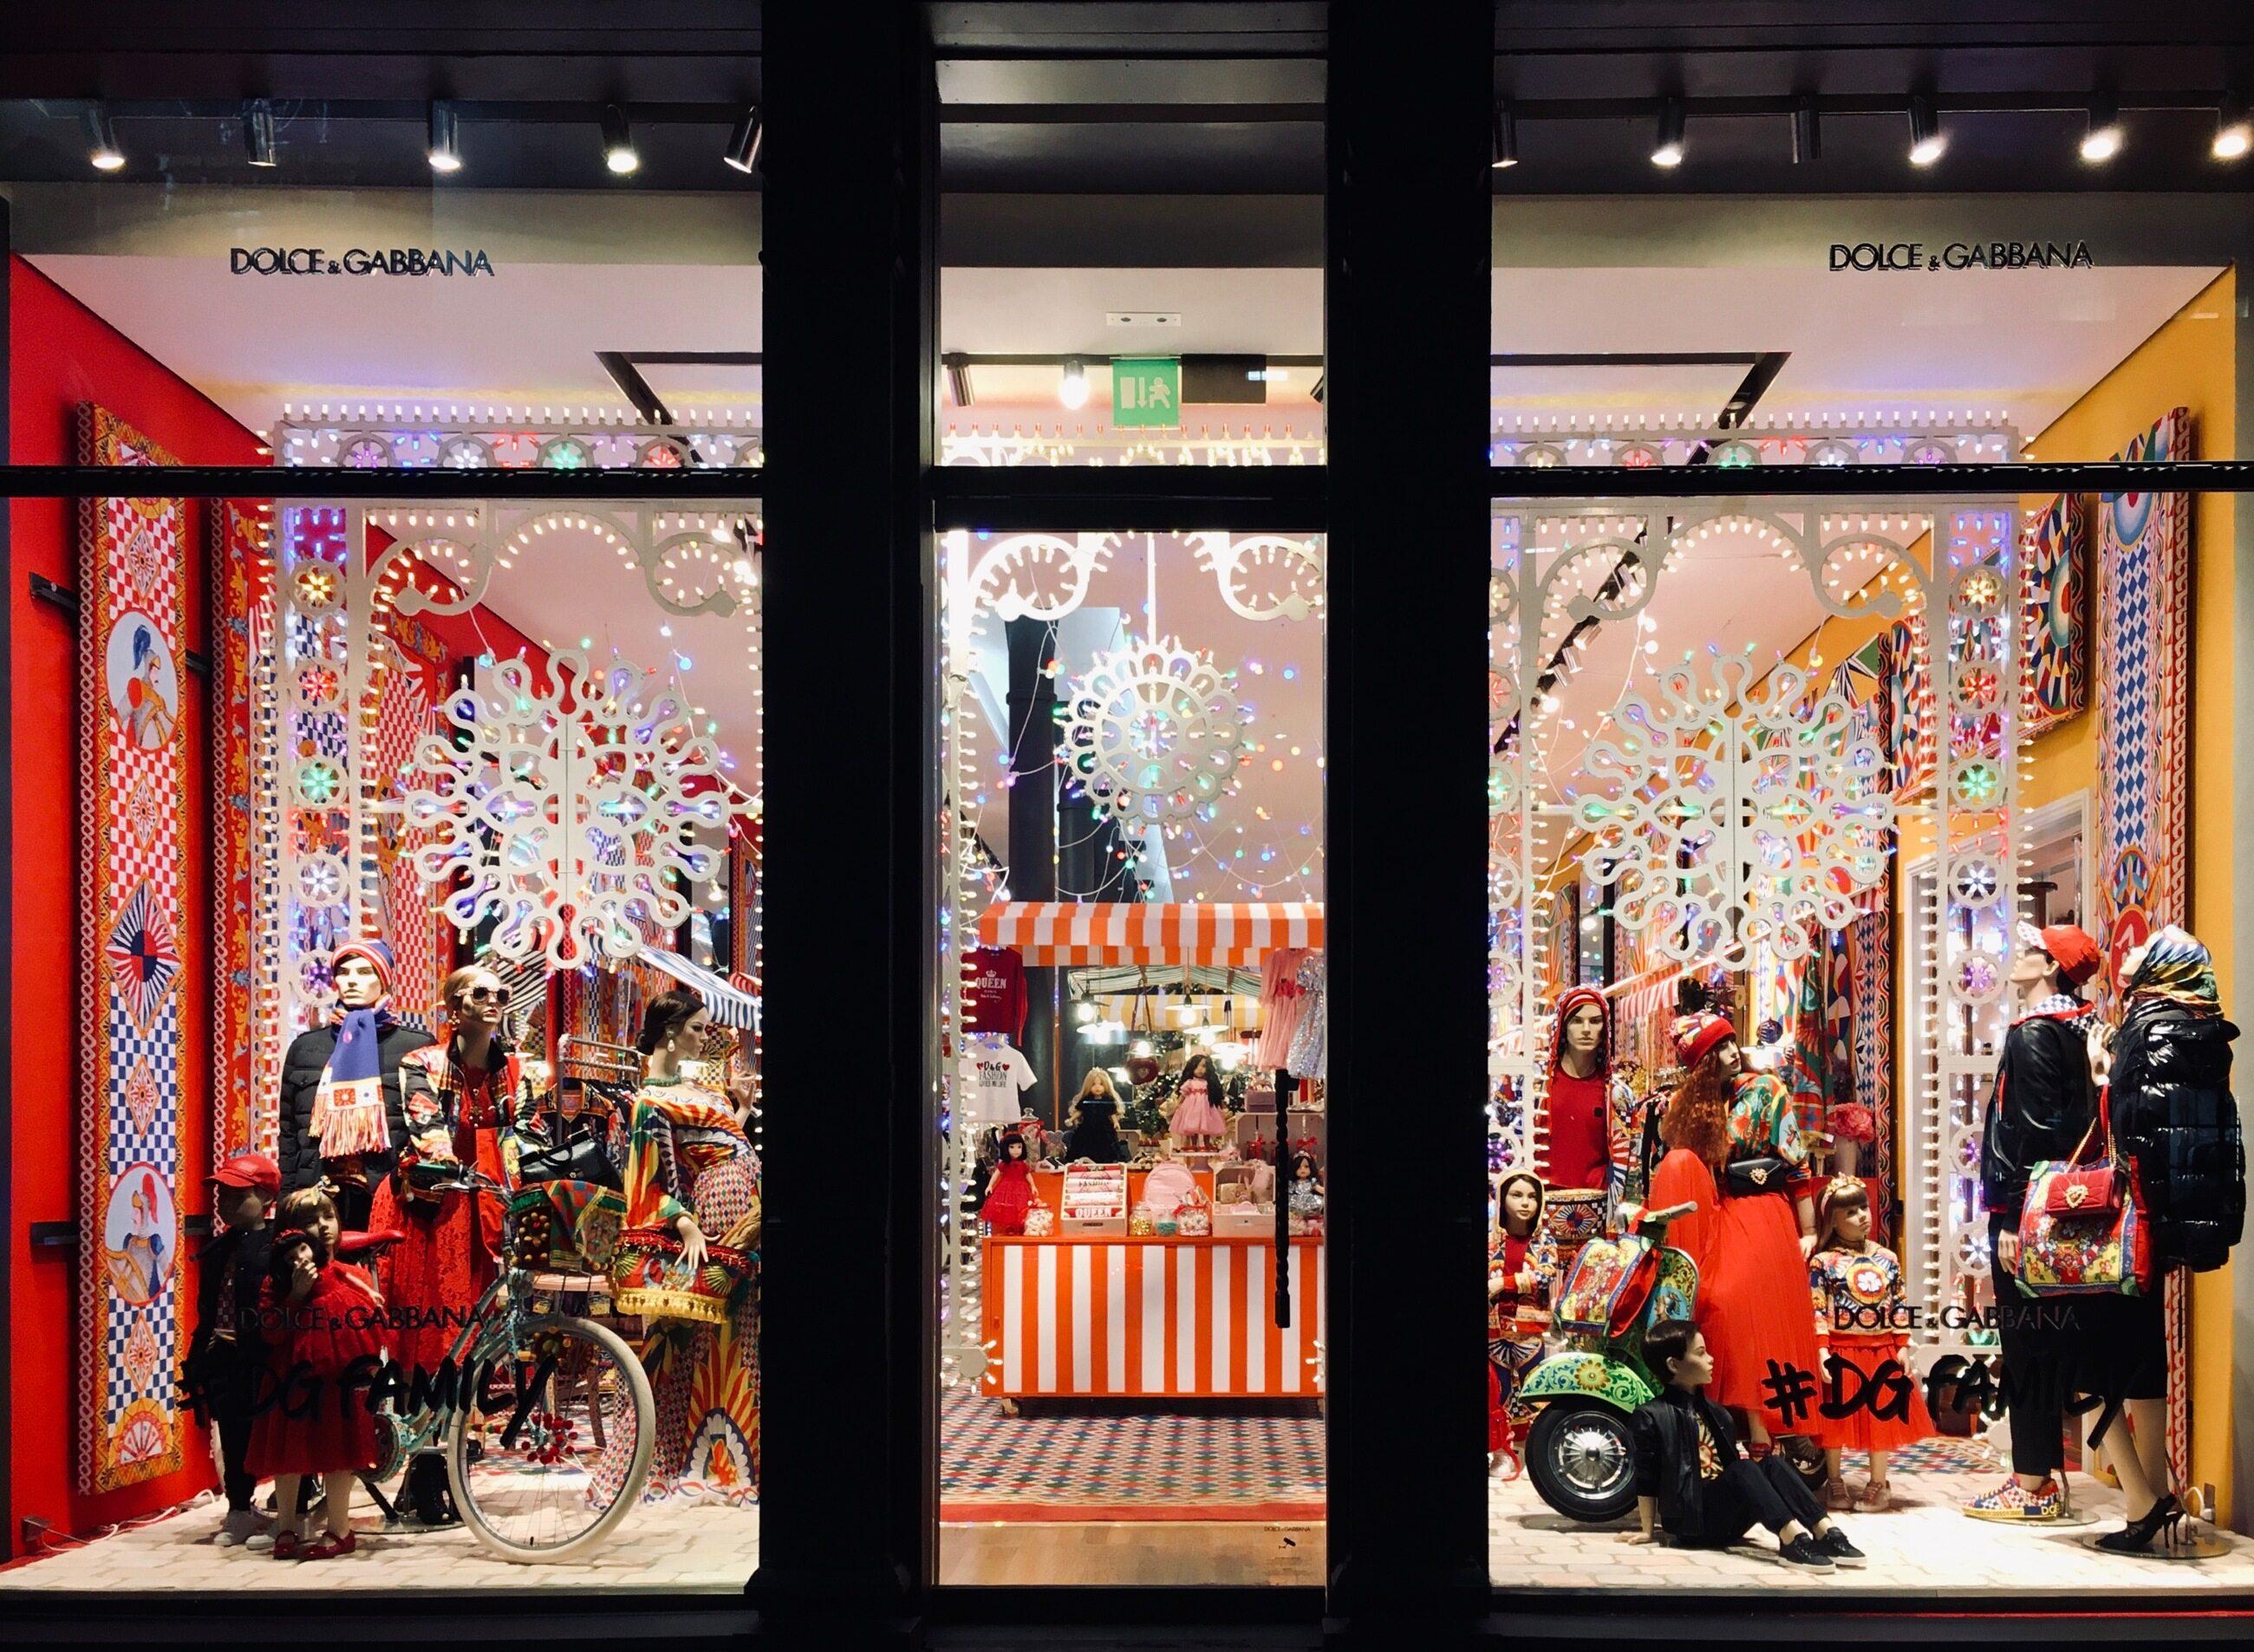 Witryna Dolce&Gabbana, Mediolan. Początek ubiegłorocznej kampanii świątecznej, fot. M.Okniańska-Wolnik